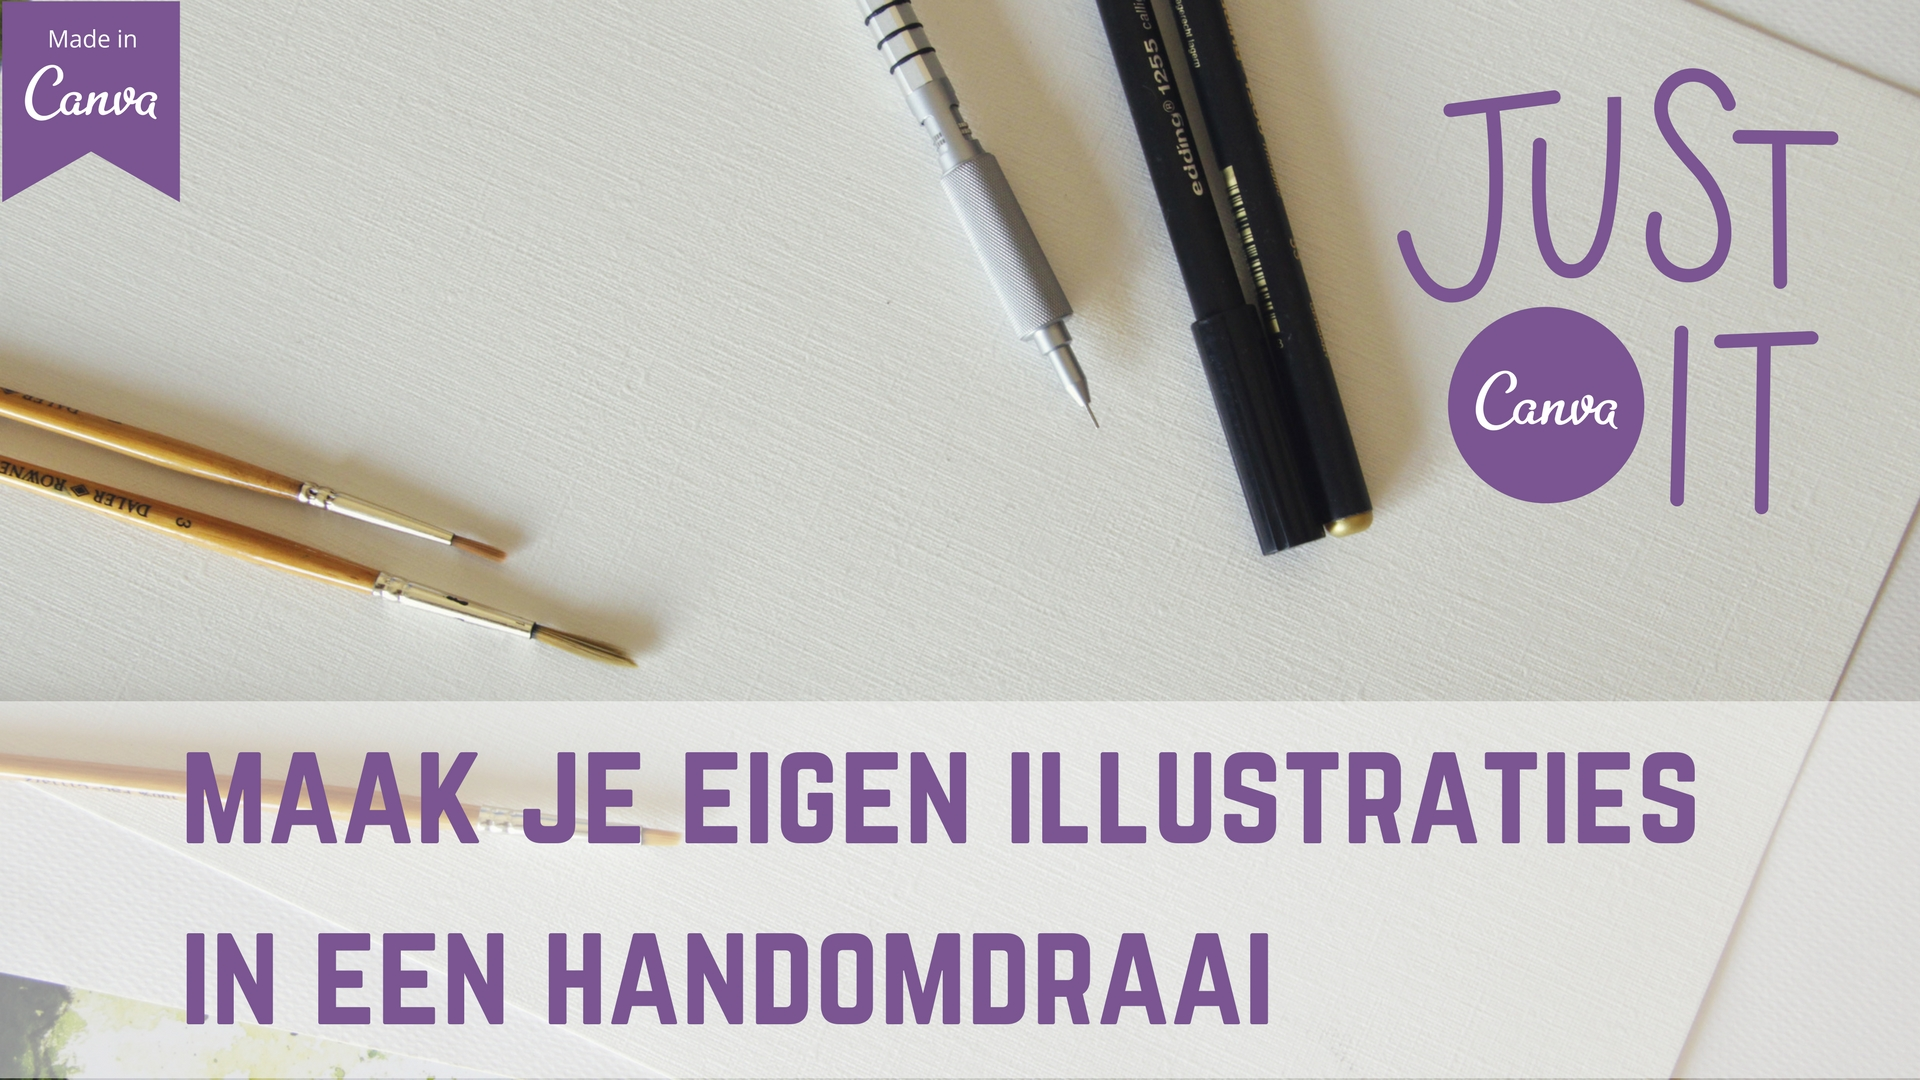 Canva: maak je eigen illustraties in een handomdraai 2